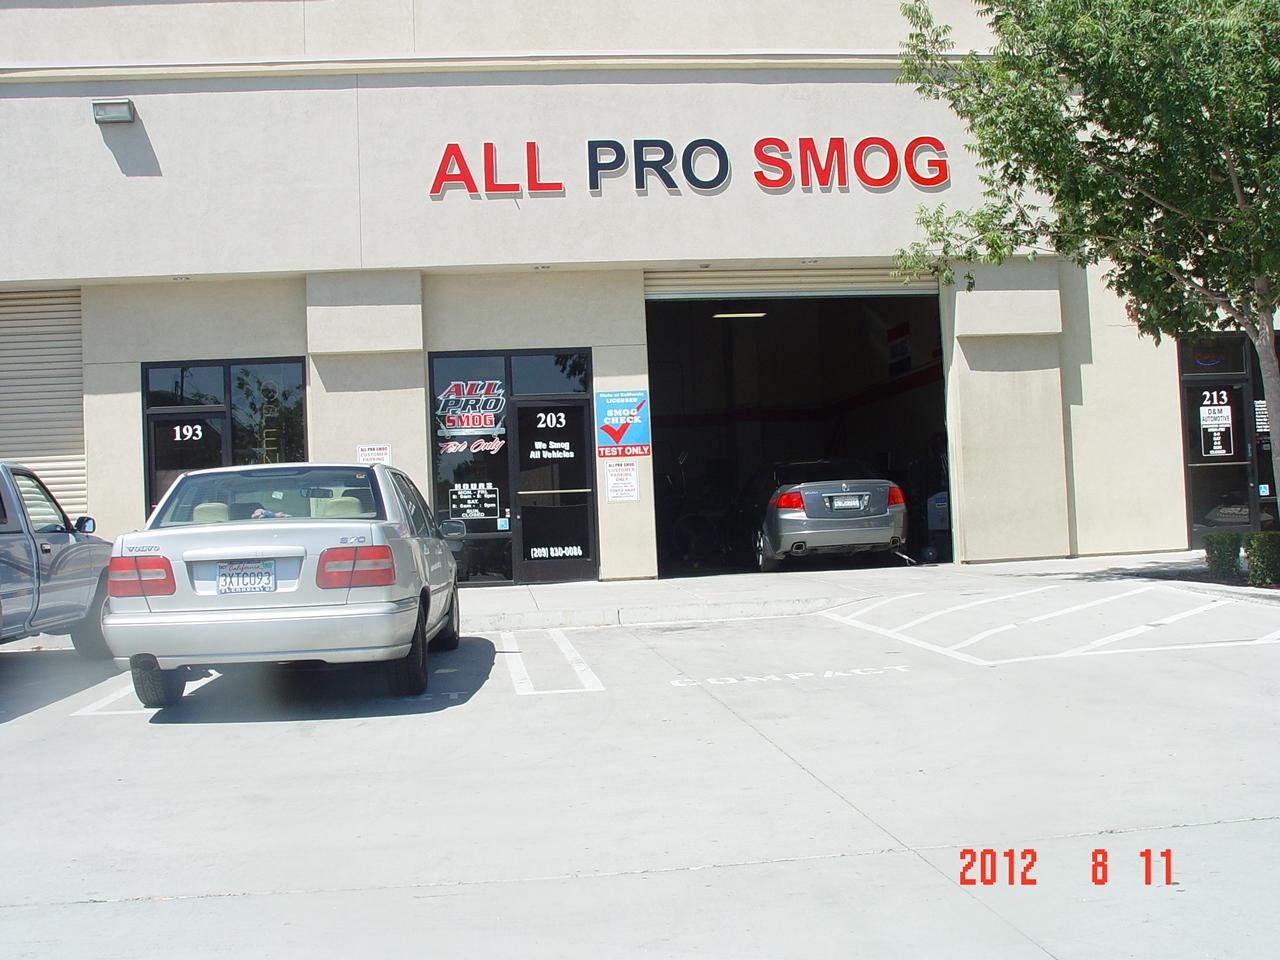 All Pro Smog - Tracy, CA - Company Profile